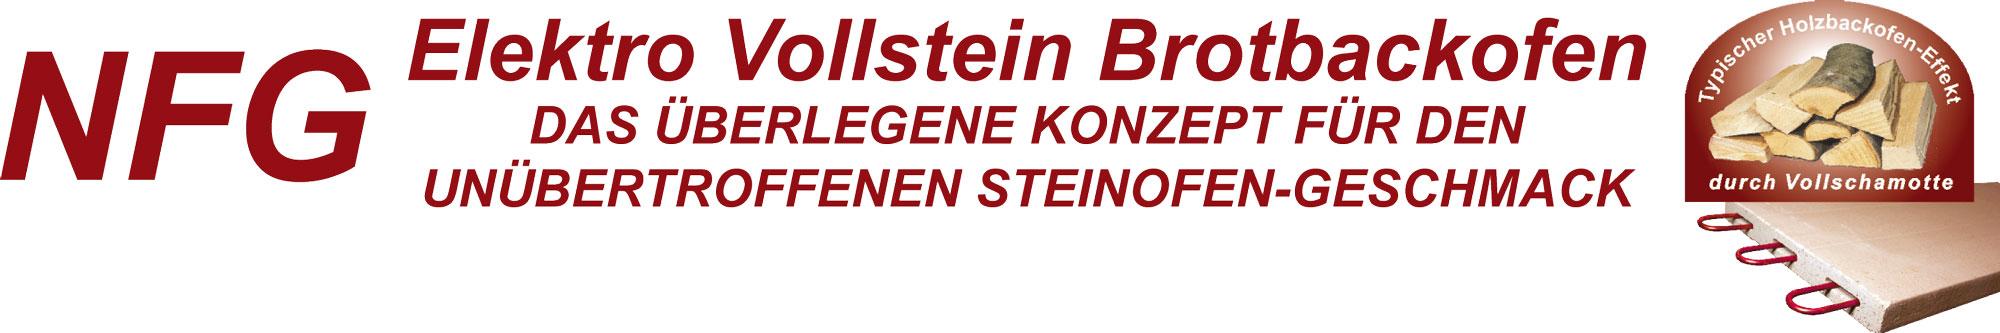 NFG Elektro Brotbackofen und Steinbackofen für den unübertroffenen Steinofen Geschmack